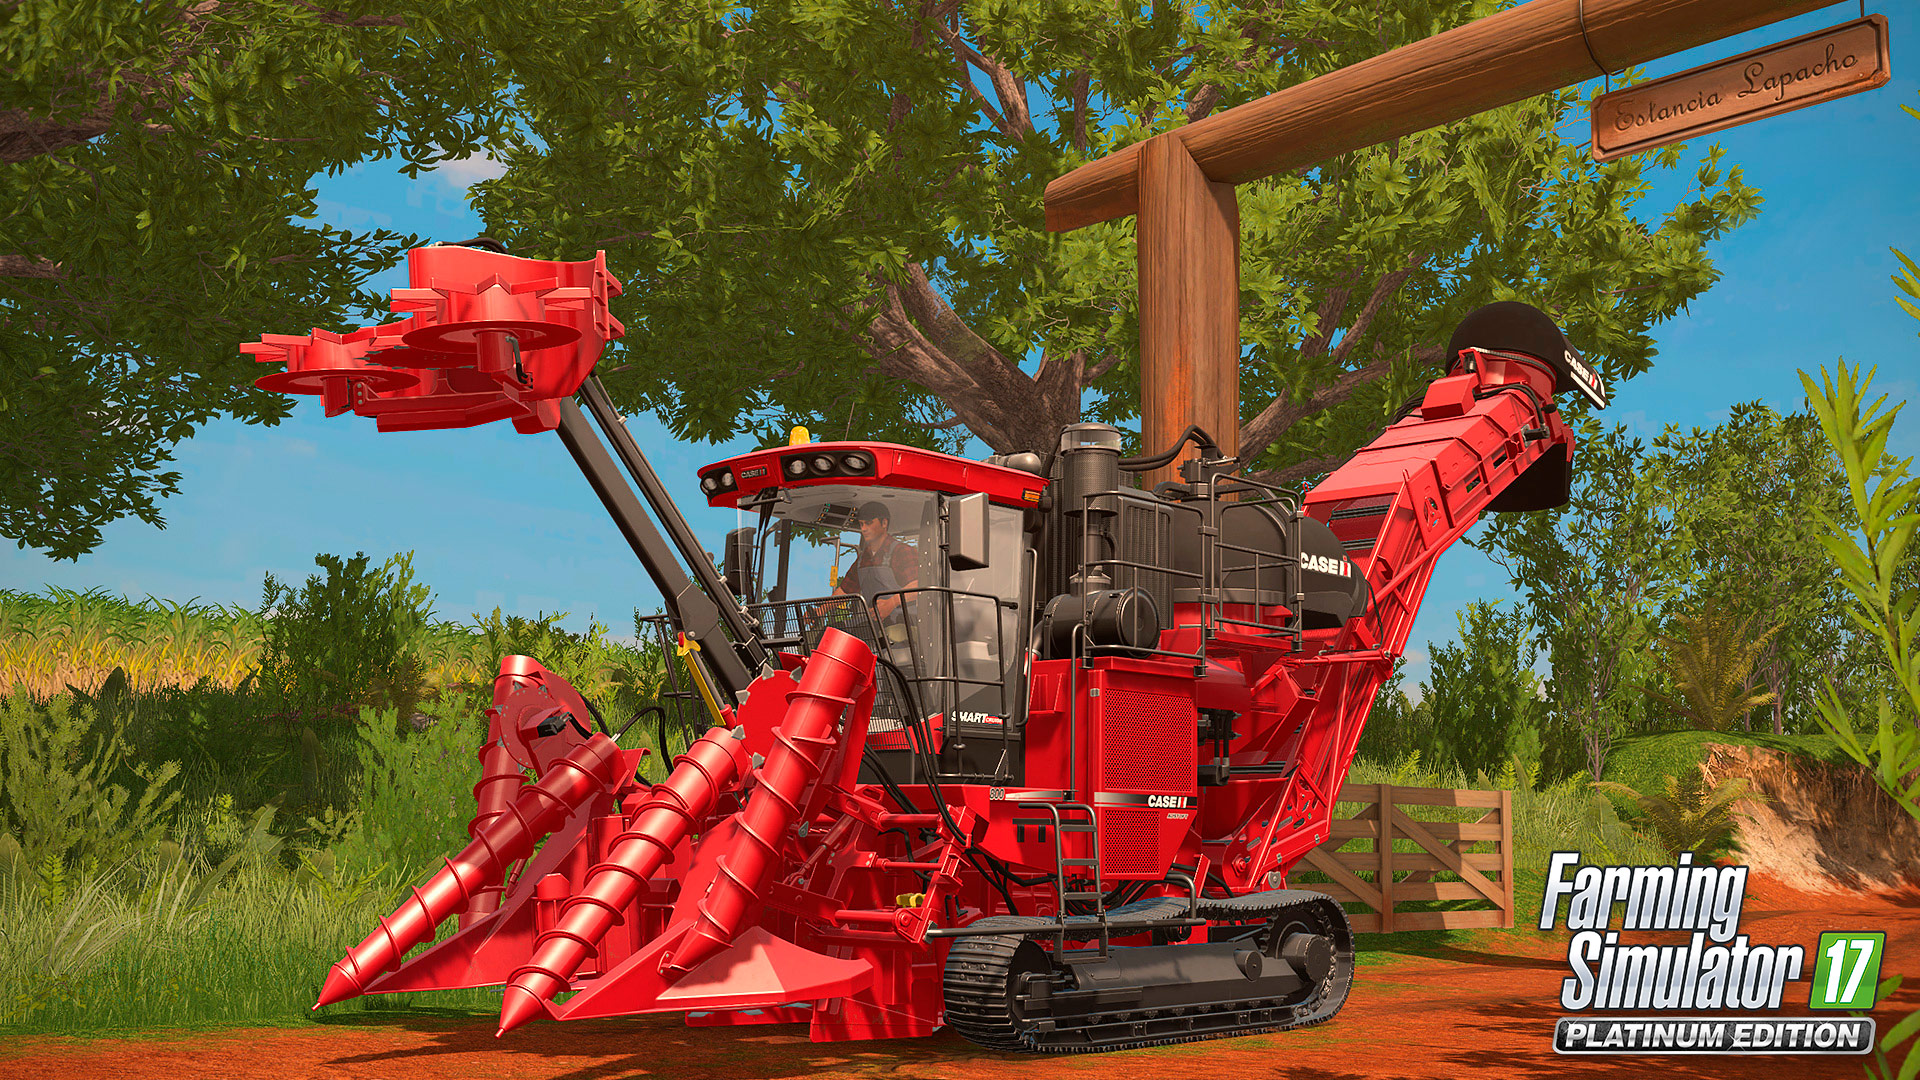 Oznámena platinová edice Farming Simulatoru 17 s novým obsahem 146459